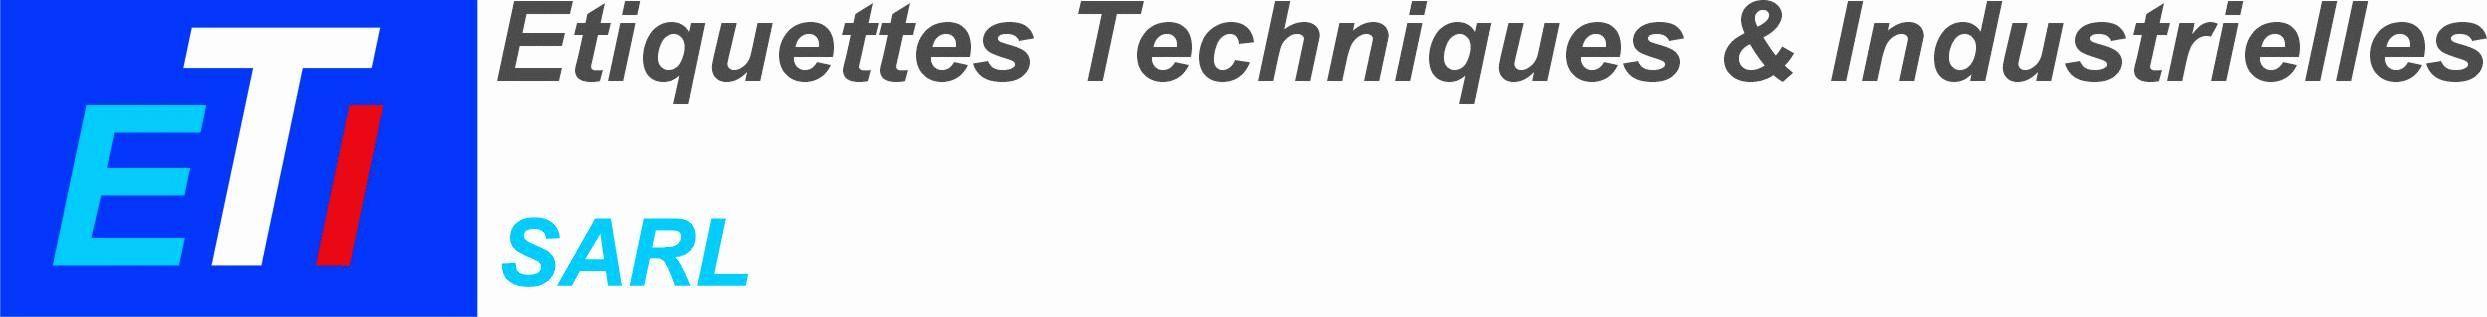 E.T.I (Etiquettes Techniques & Industrielles)